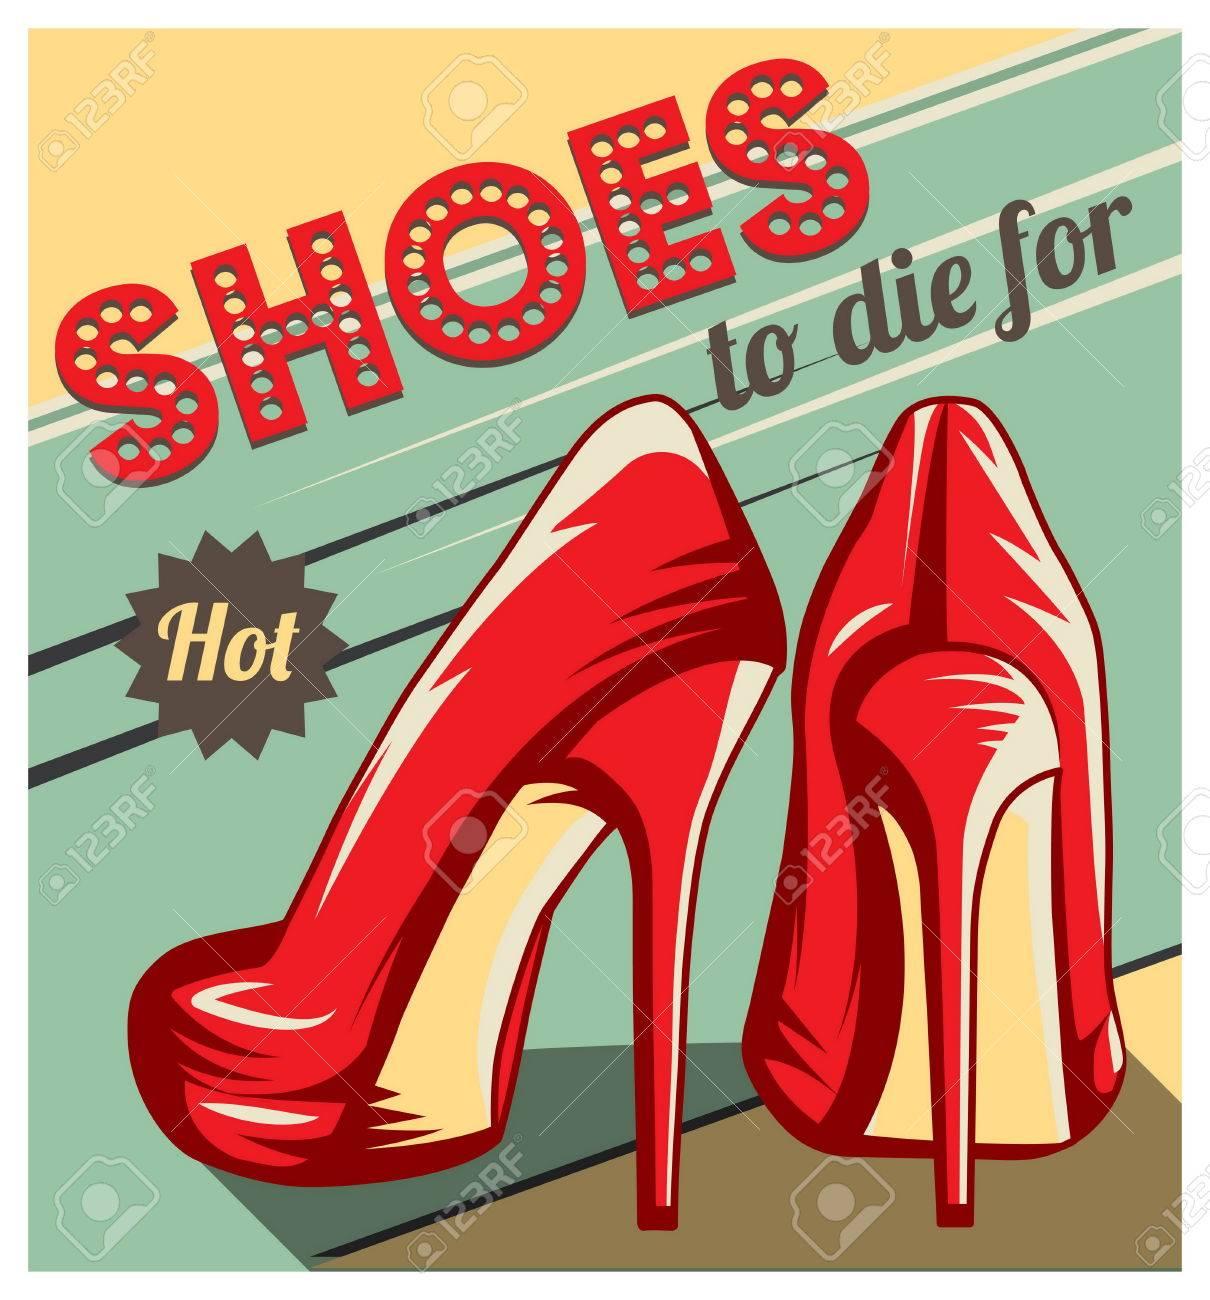 Affiche vintage de style rétro, modèle publicitaire, carte d'amusement avec une paire de talons rouges chaussures à talons et des chaussures à mourir